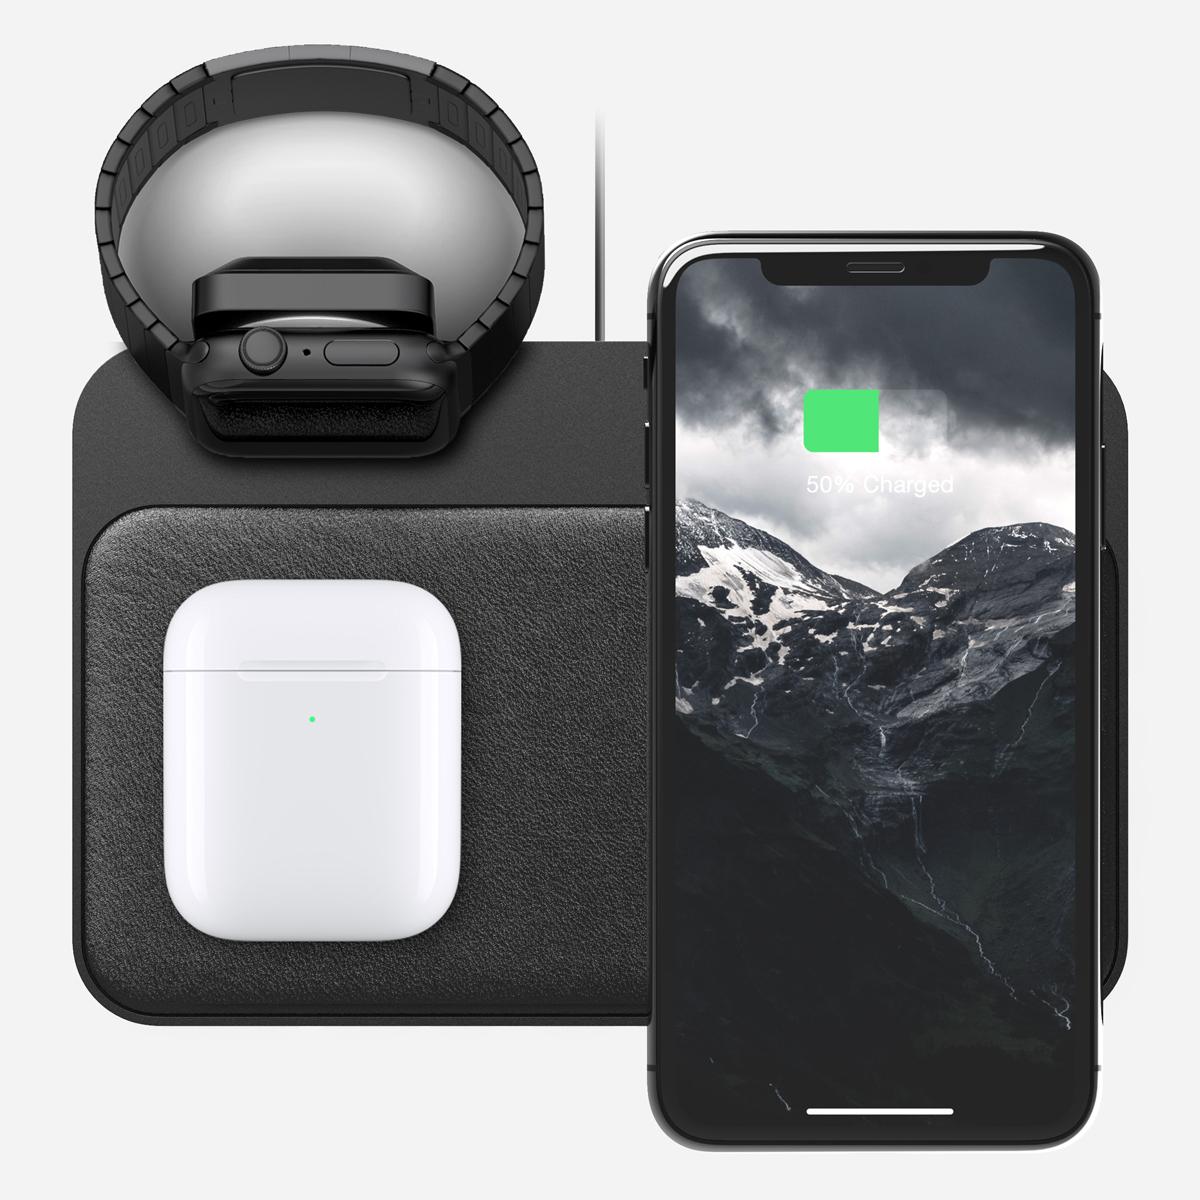 軽量&薄型のボディなのに落ち着きのある存在感の「ワイヤレス充電ベース」Base Station(Apple Watch Edition)| NOMAD